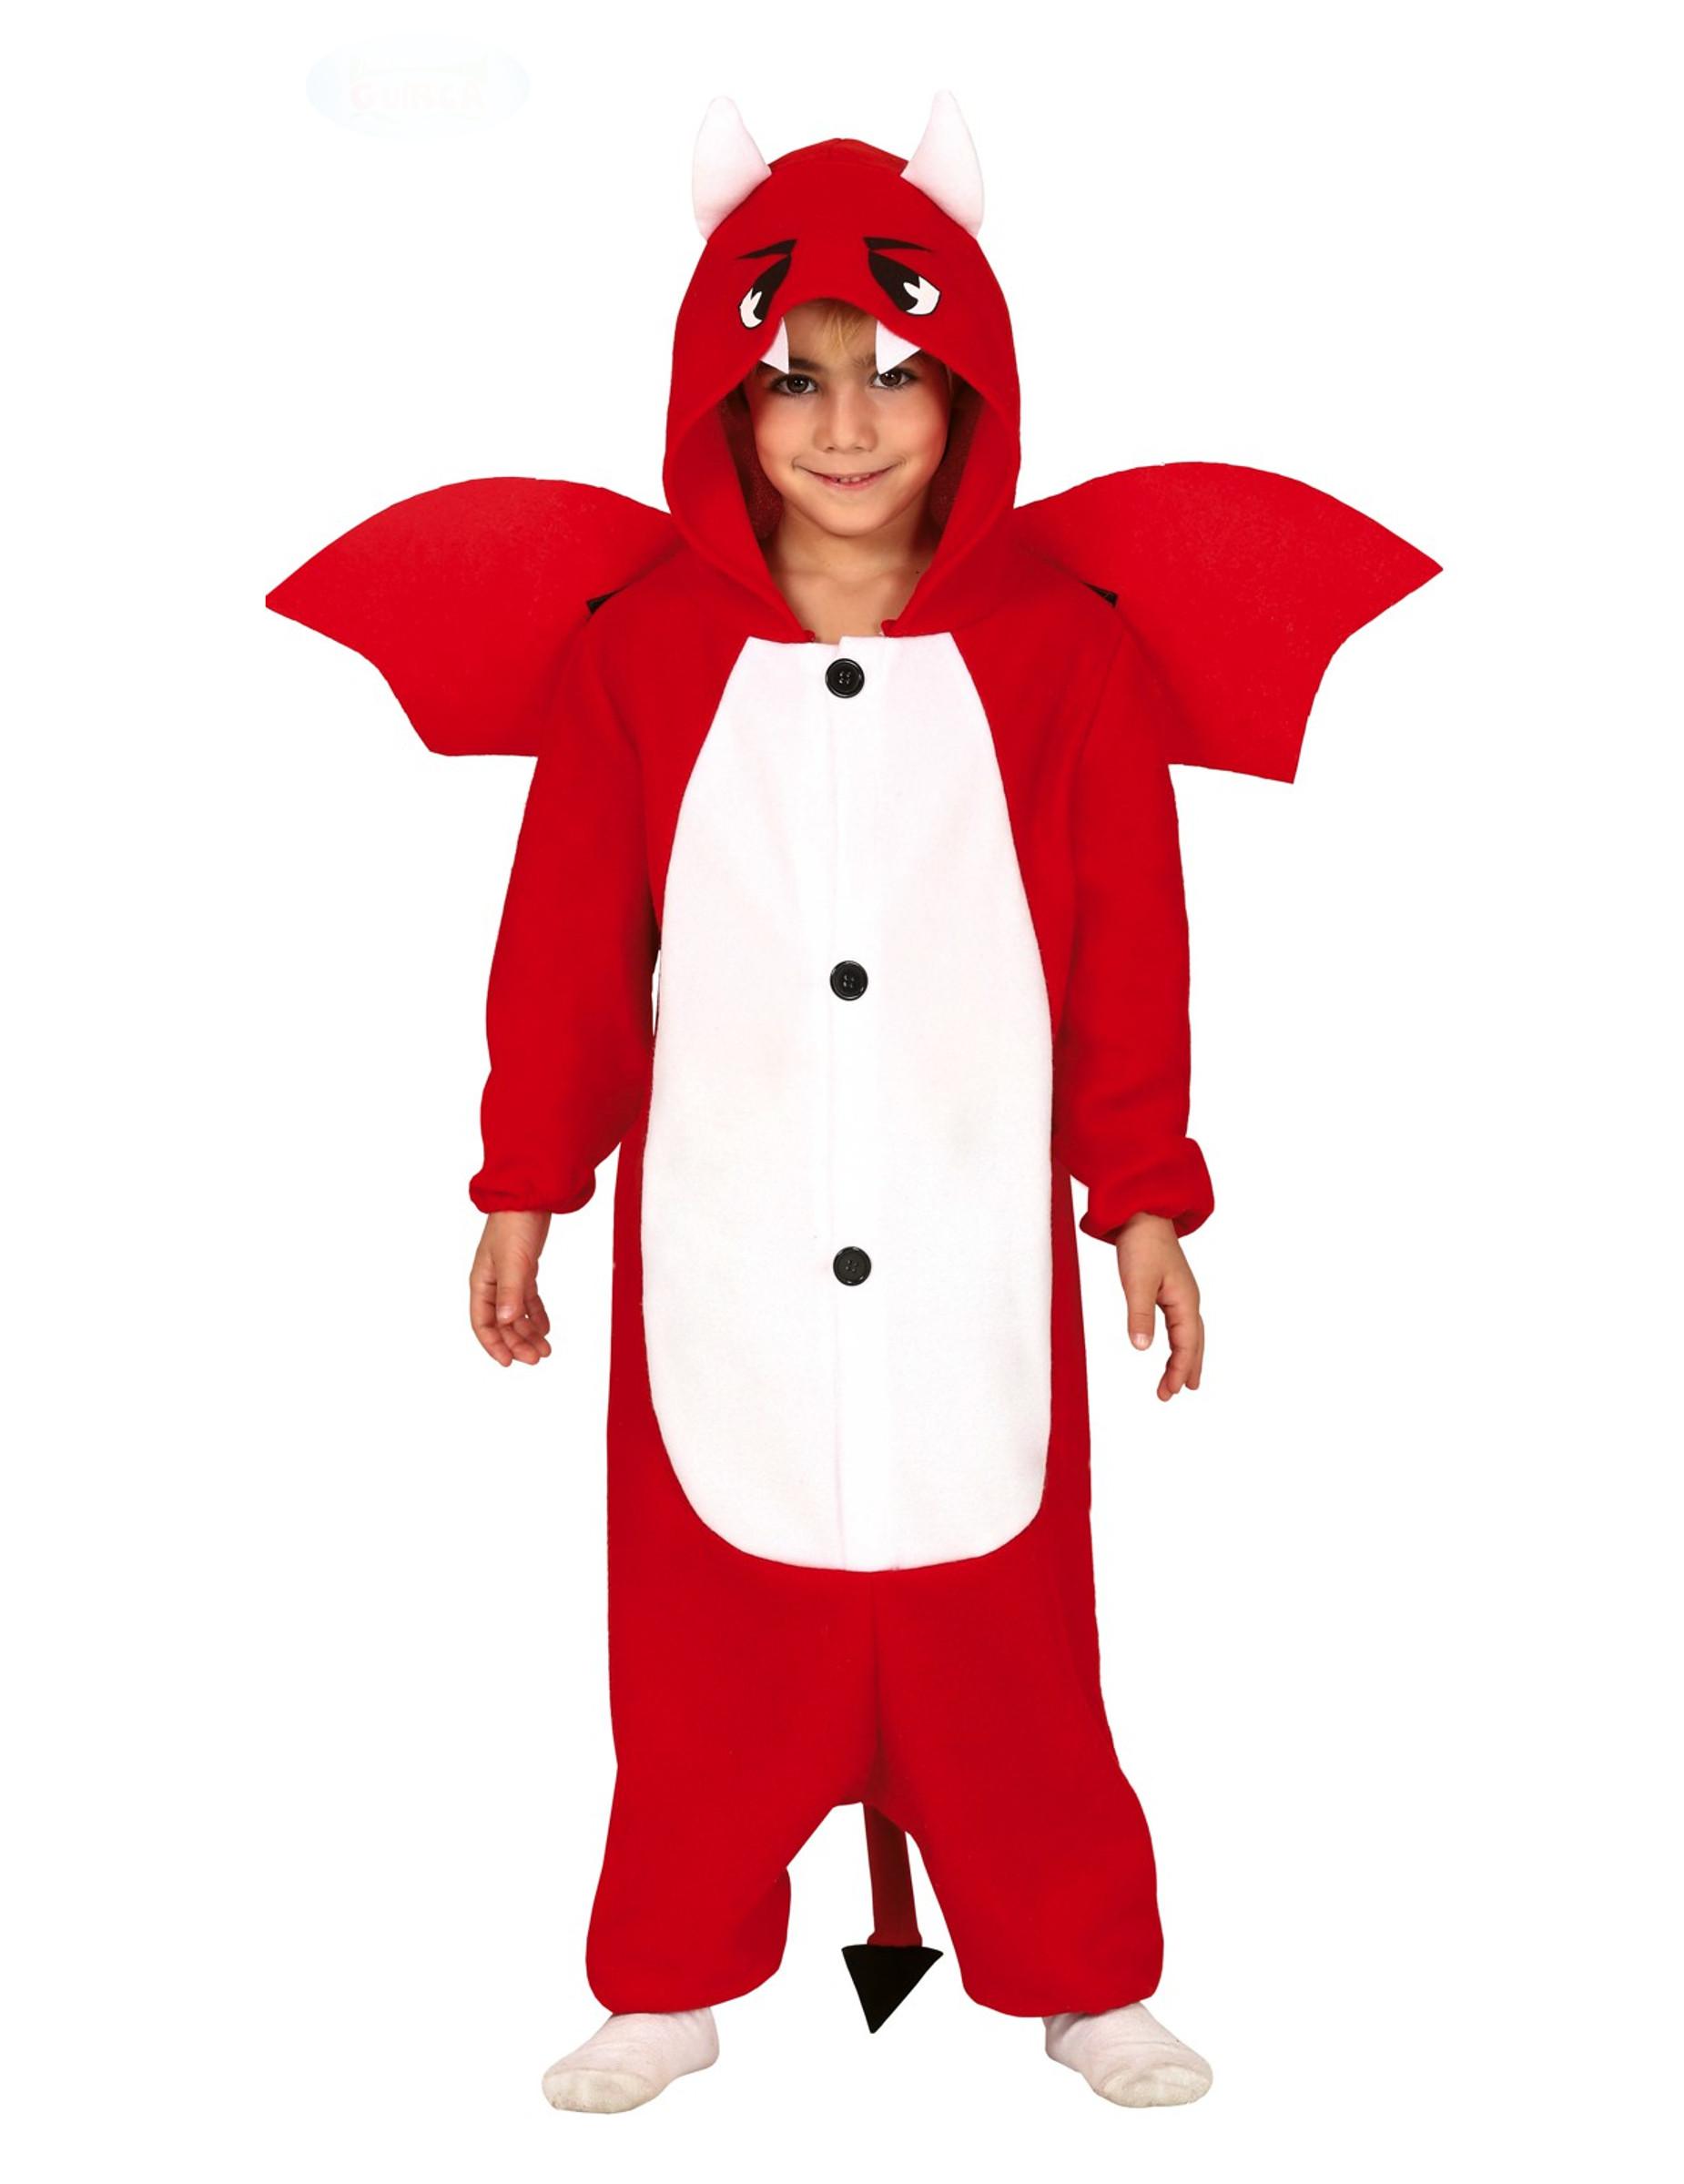 Susses Teufelskostum Fur Jungen Halloween Kostum Rot Weiss